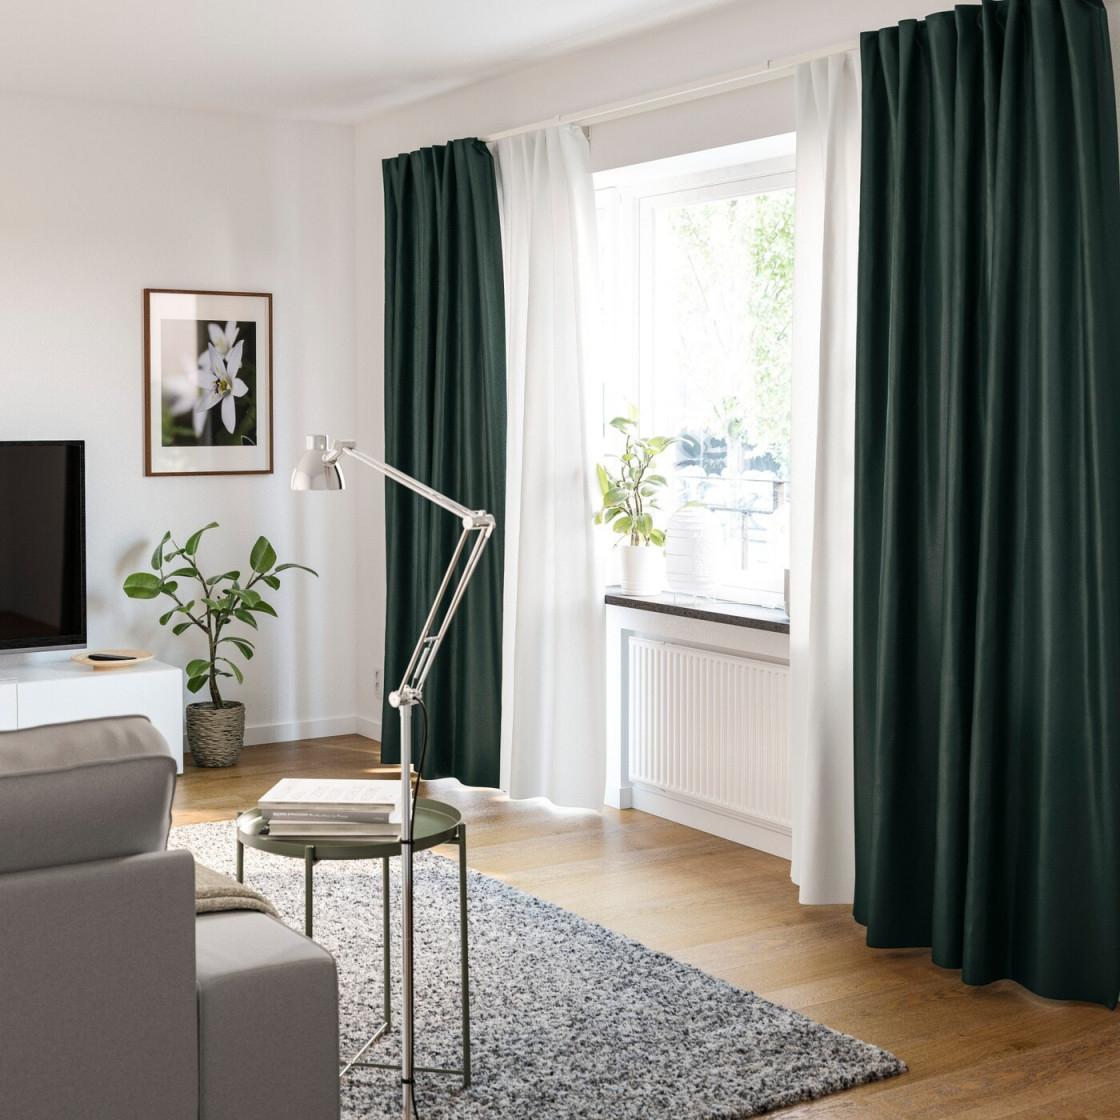 Gardinenideen Inspirationen Für Dein Zuhause  Ikea von Wohnzimmer Gardinen Lang Bild